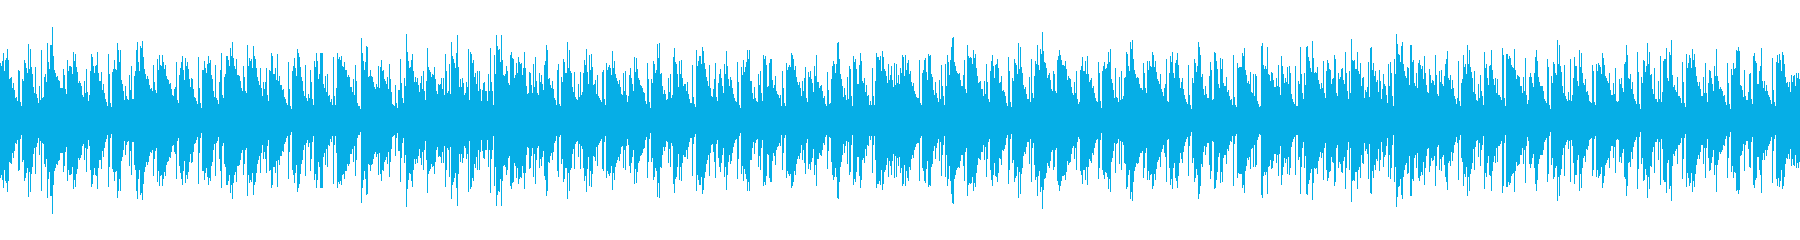 音があまり気にならないオシャレなBGMの再生済みの波形